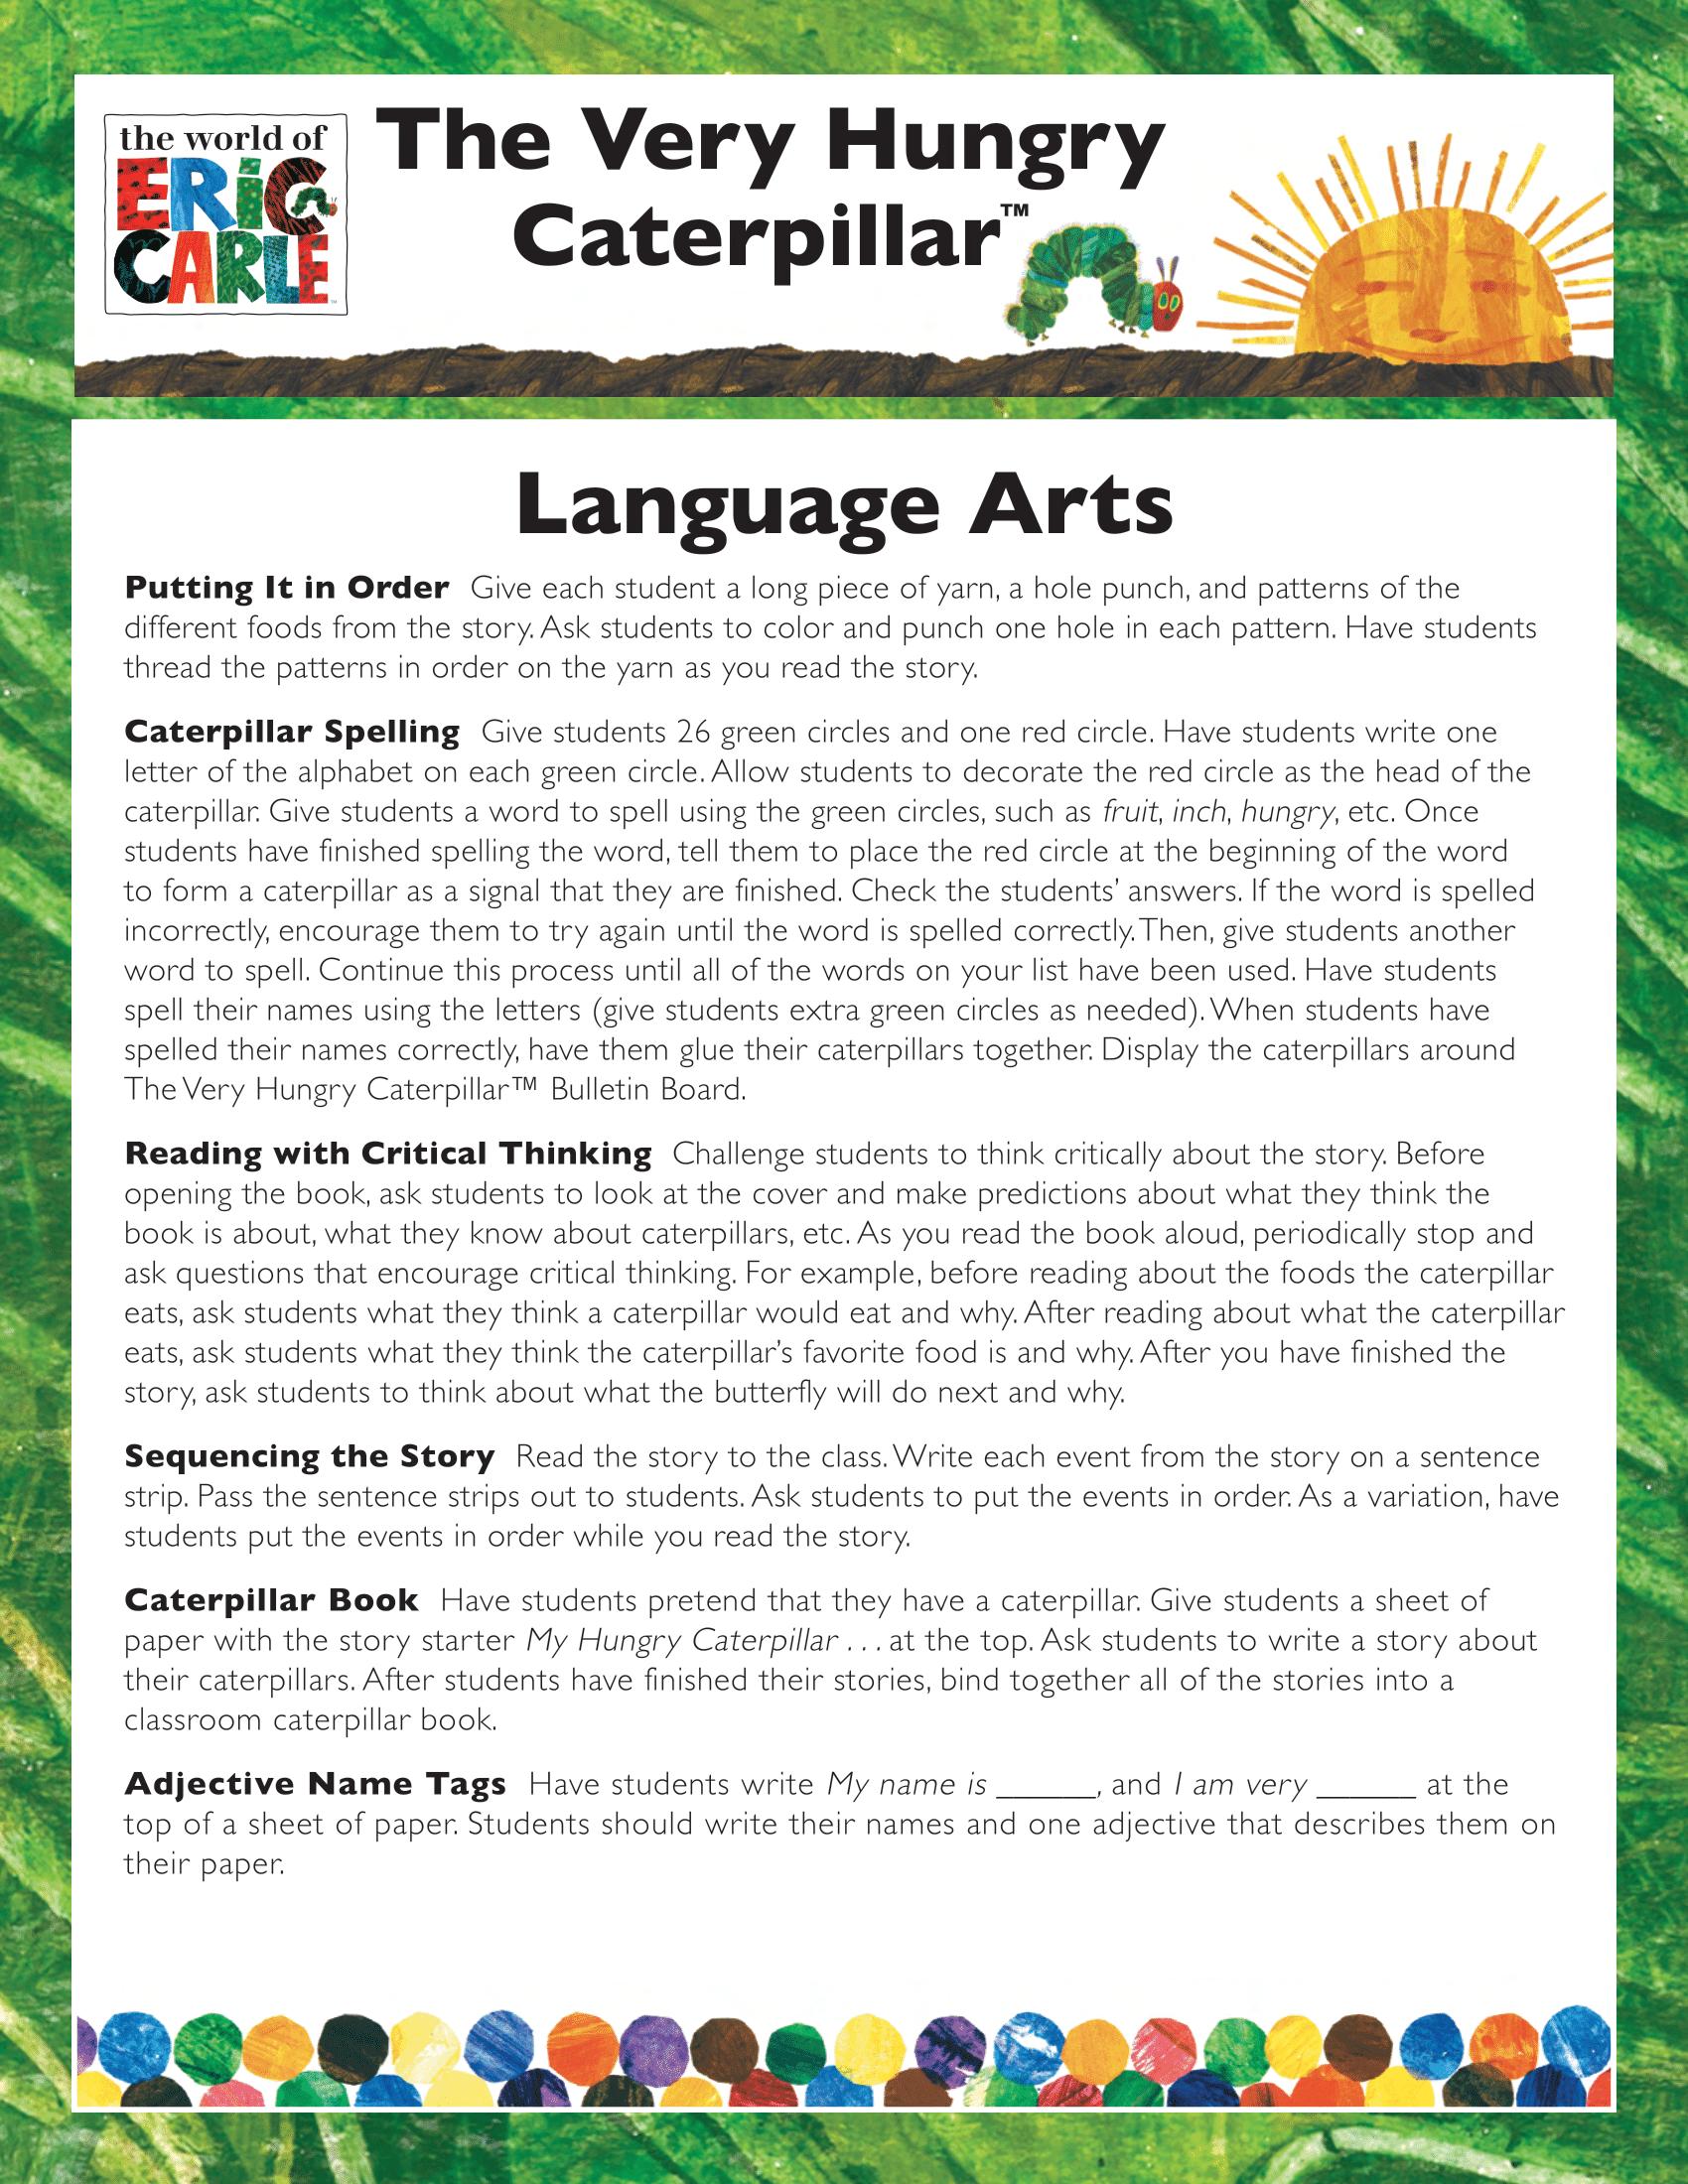 VHC_Language_Arts-1